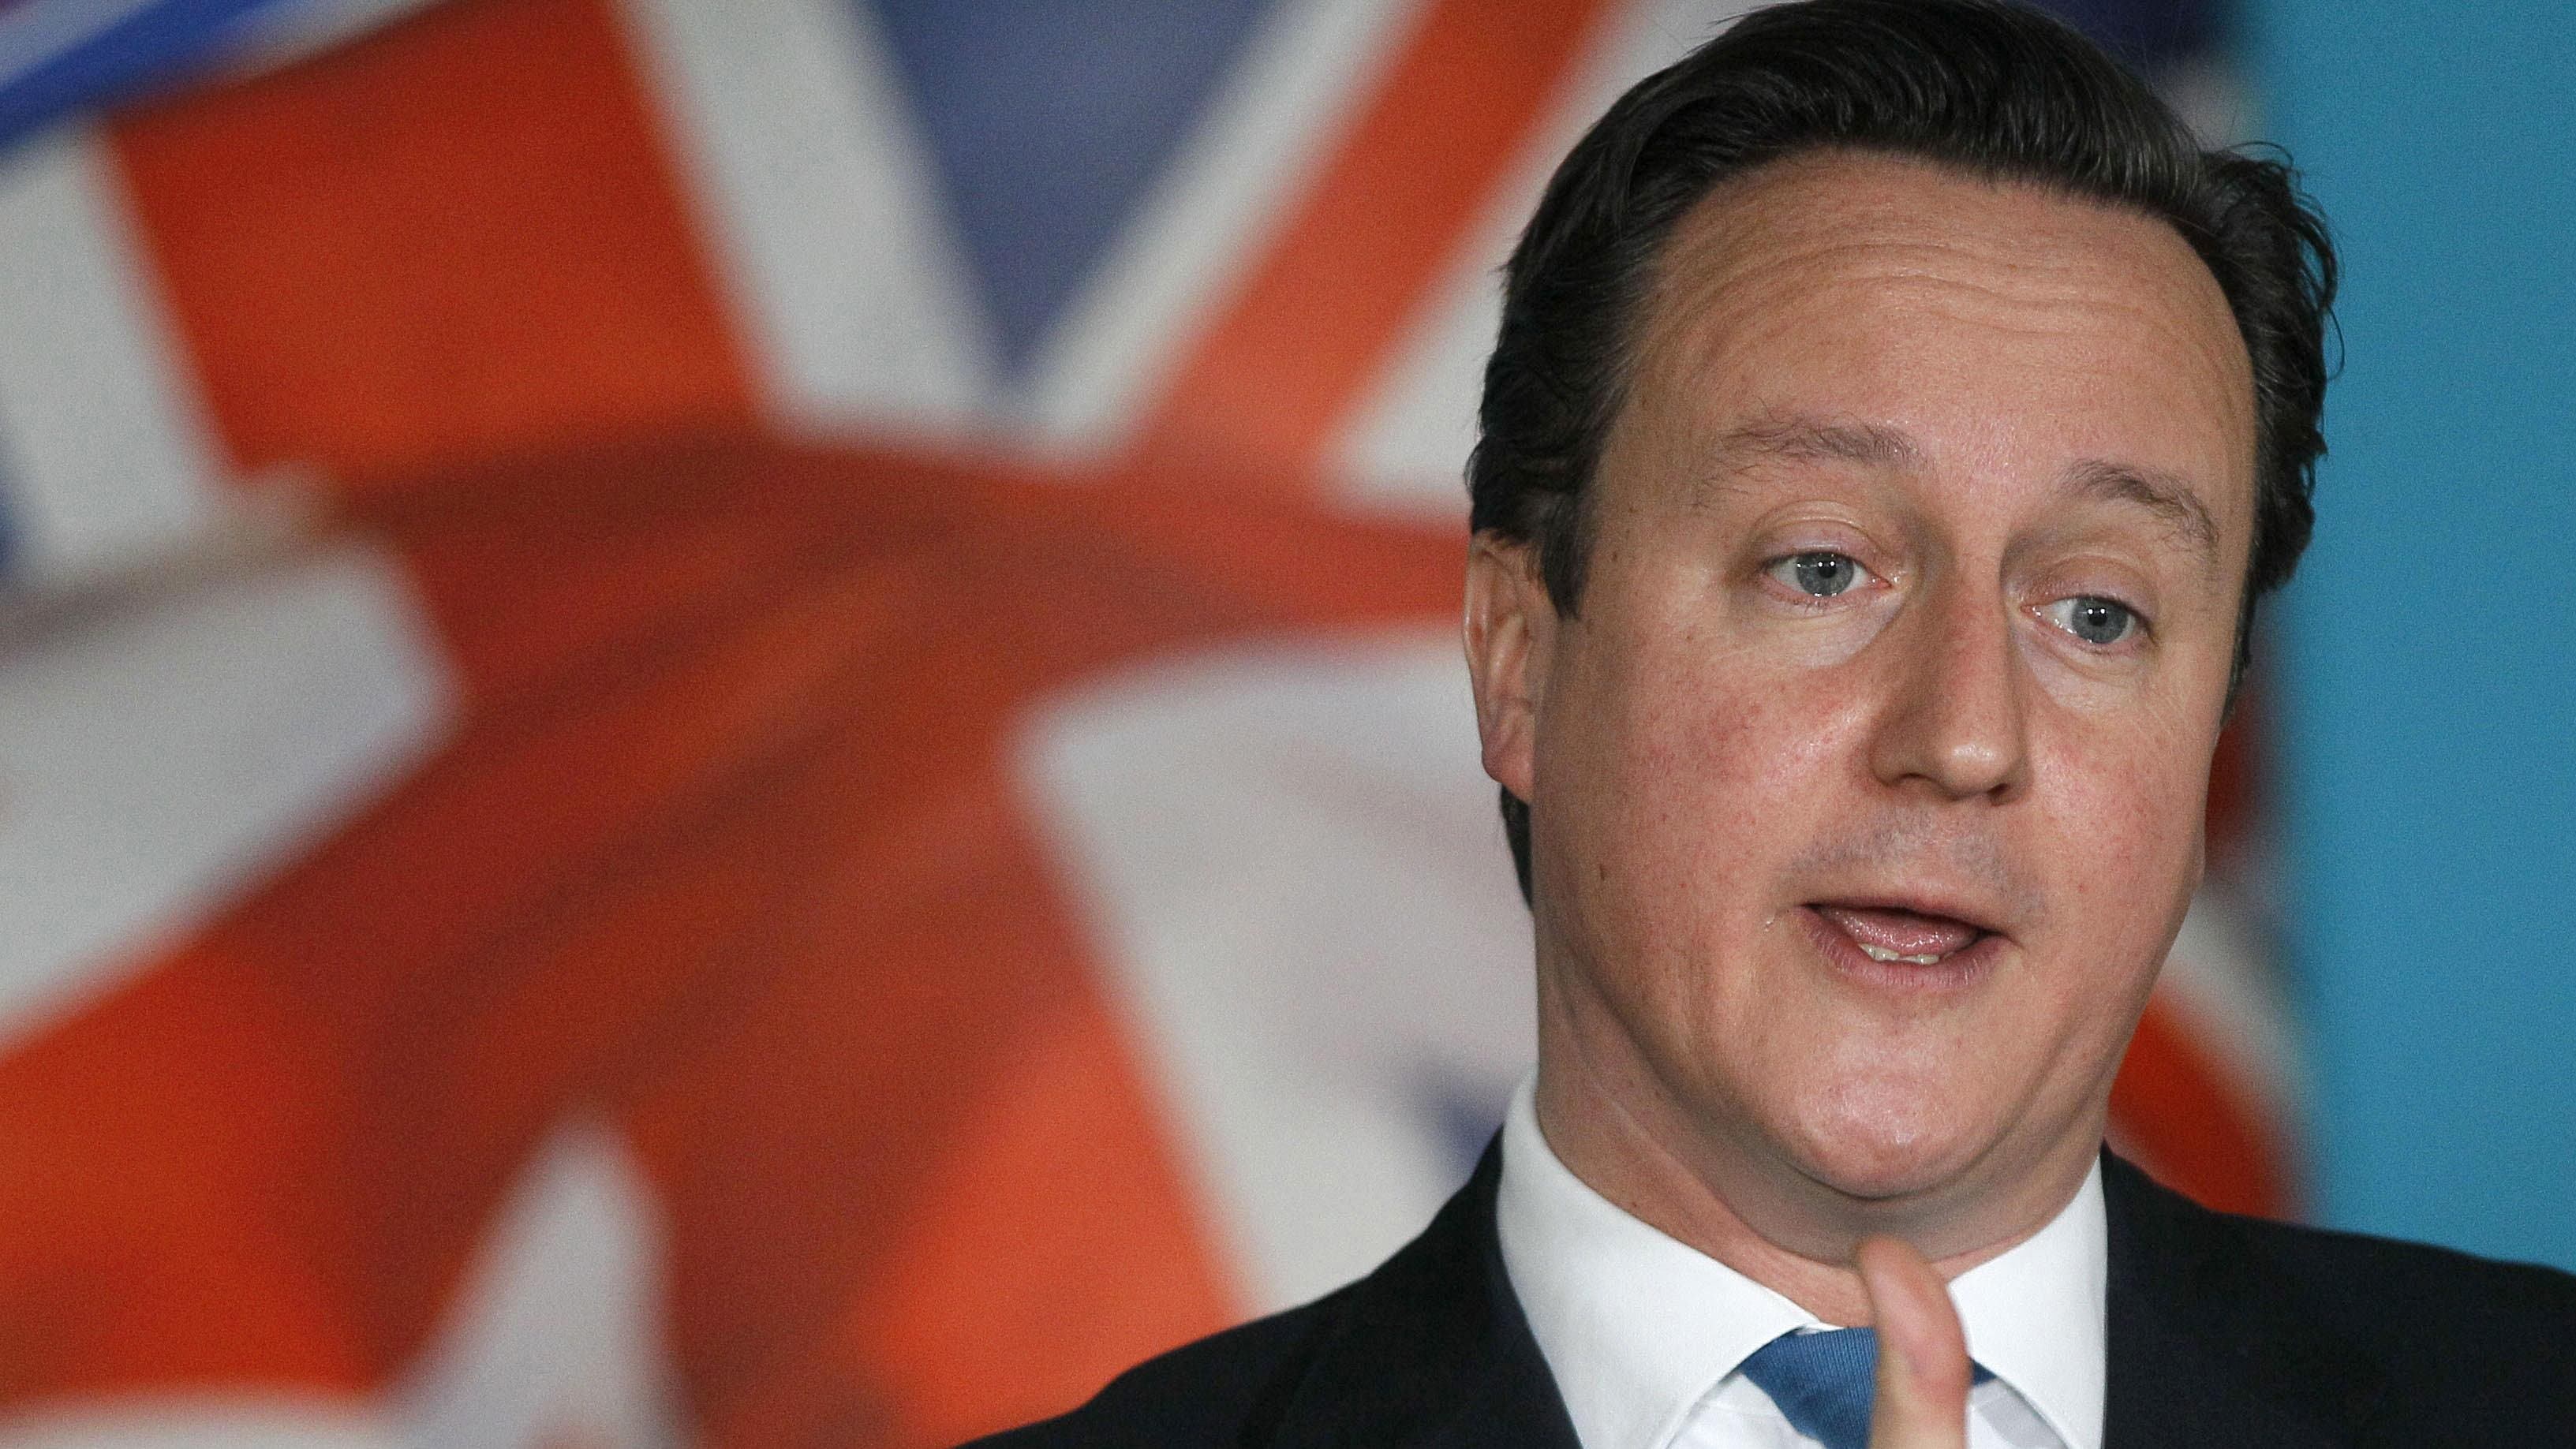 Los conservadores de Cameron ganan con 316 escaños... pero necesitarán mano izquierda